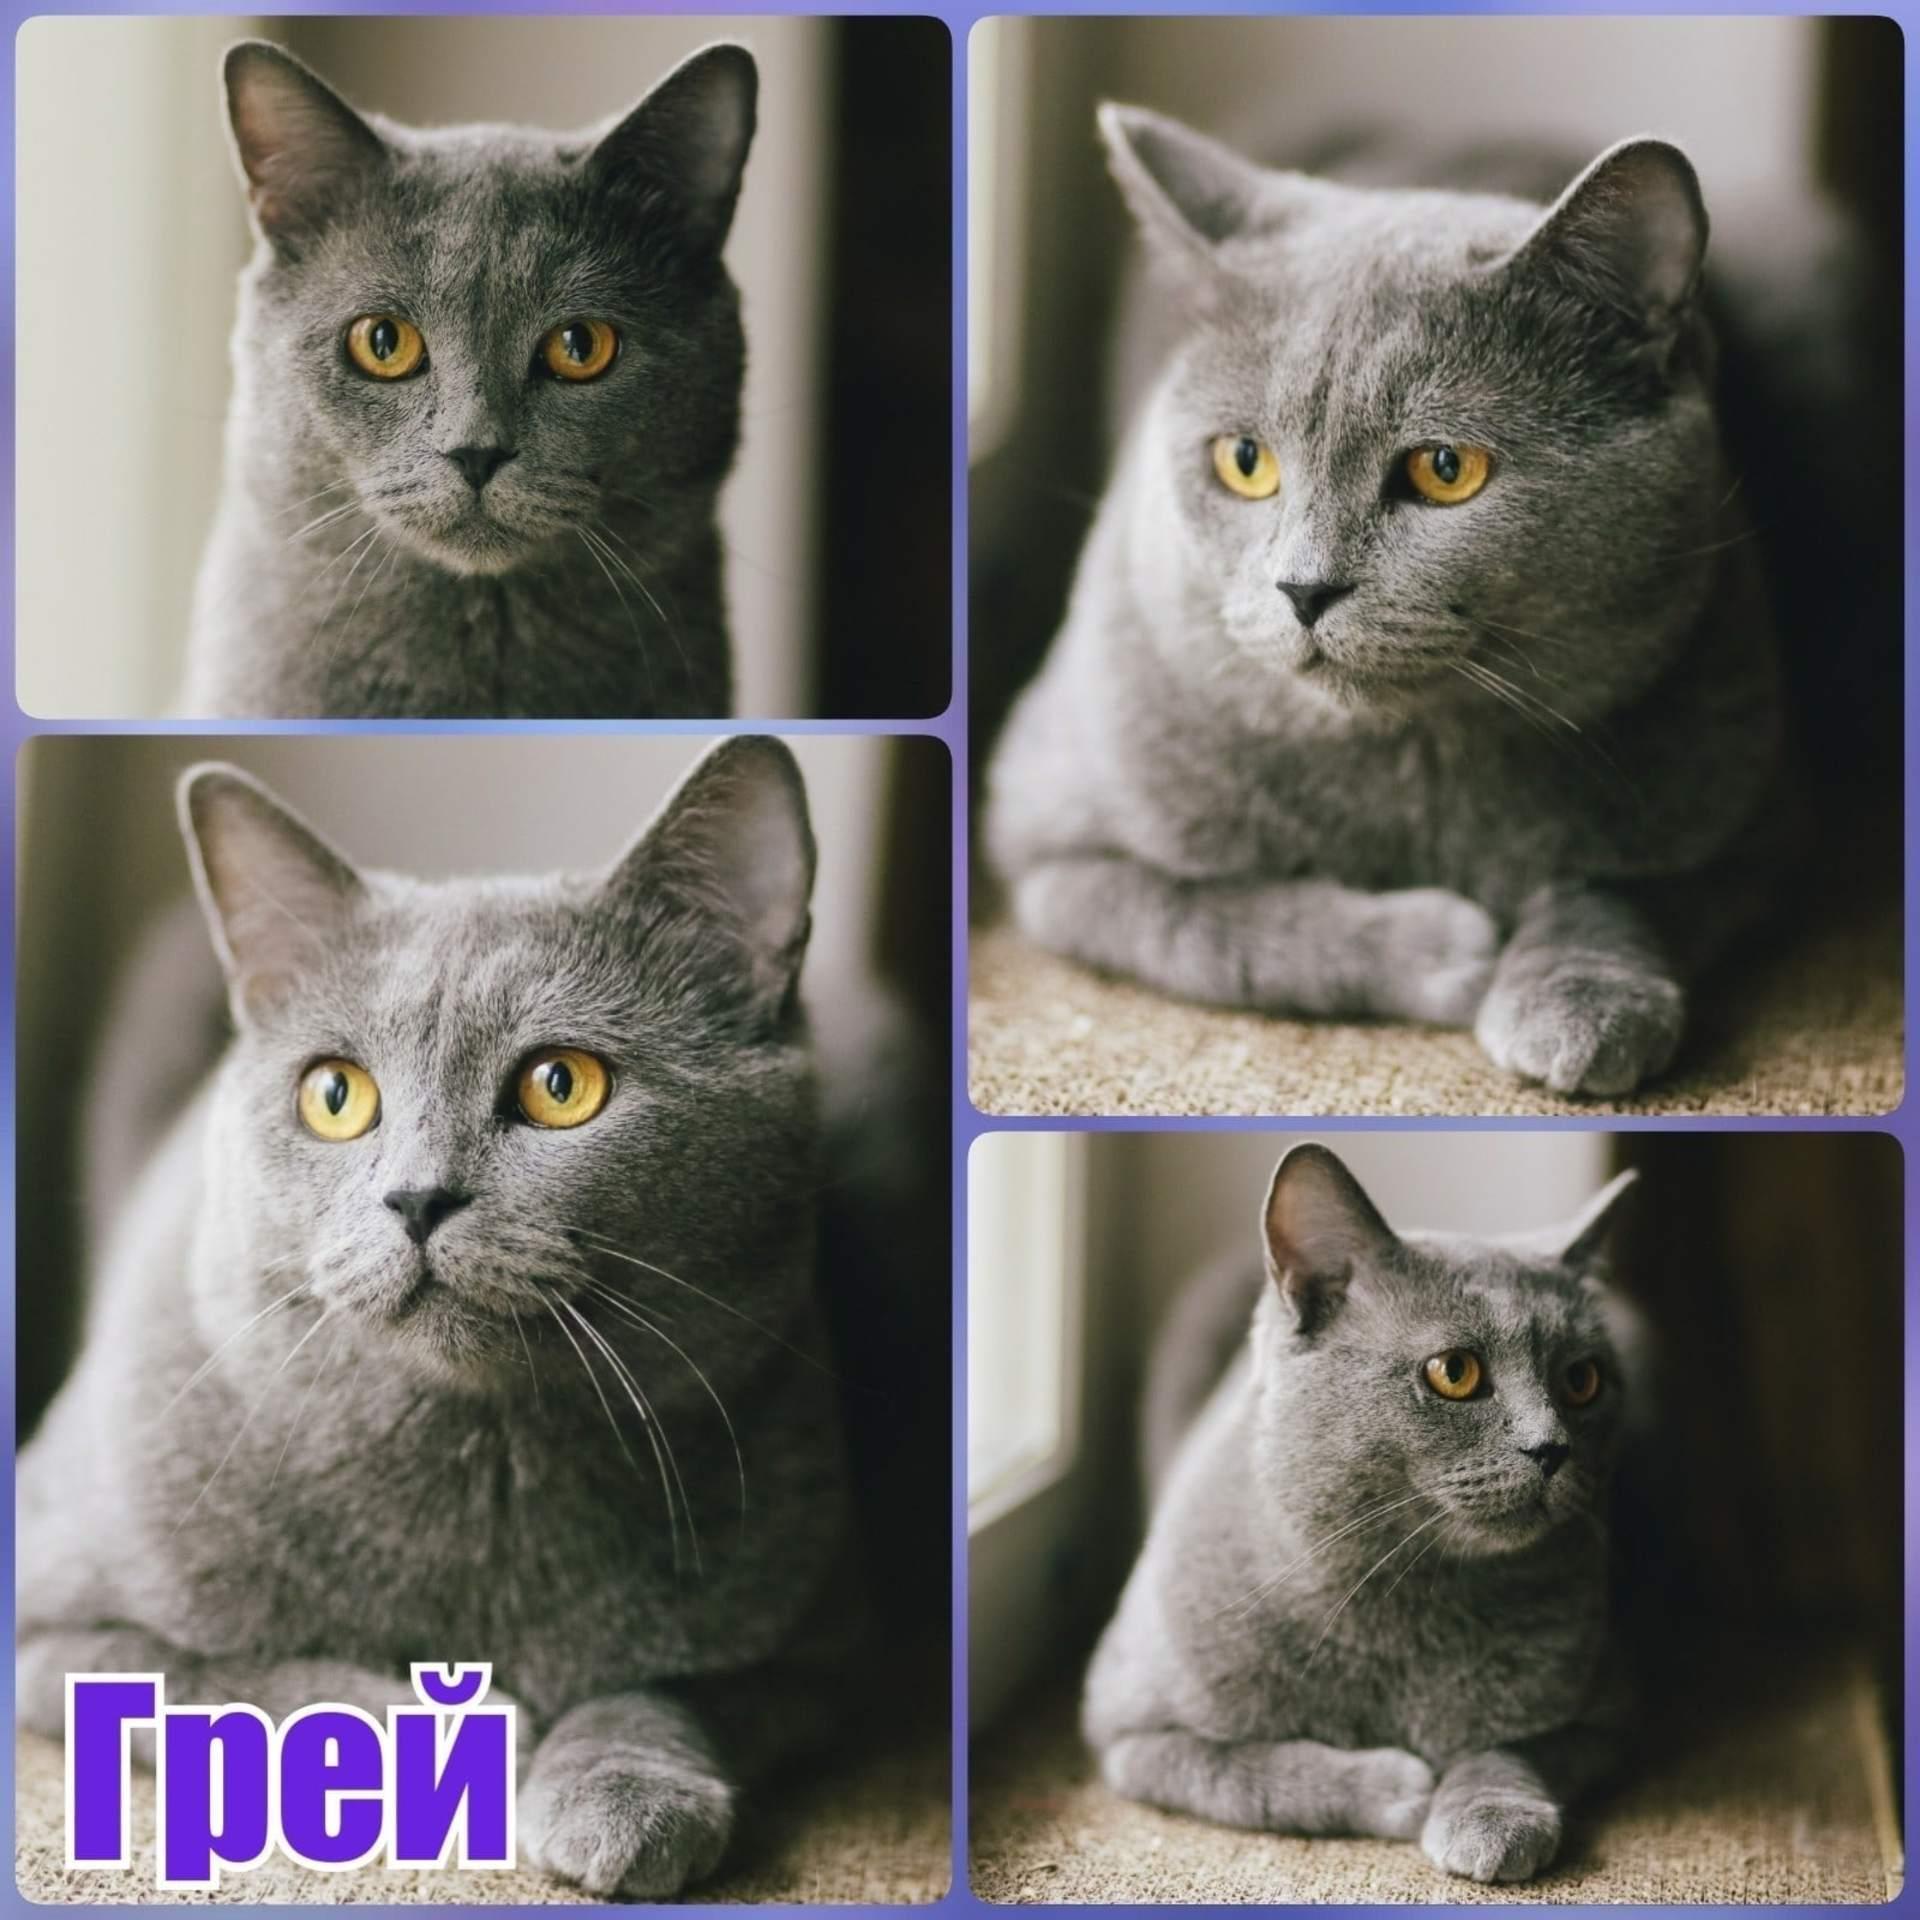 Вислоухими бывают только шотландцы или и британцы, чем британские кошки отличаются от шотландских: сравнение пород, фото